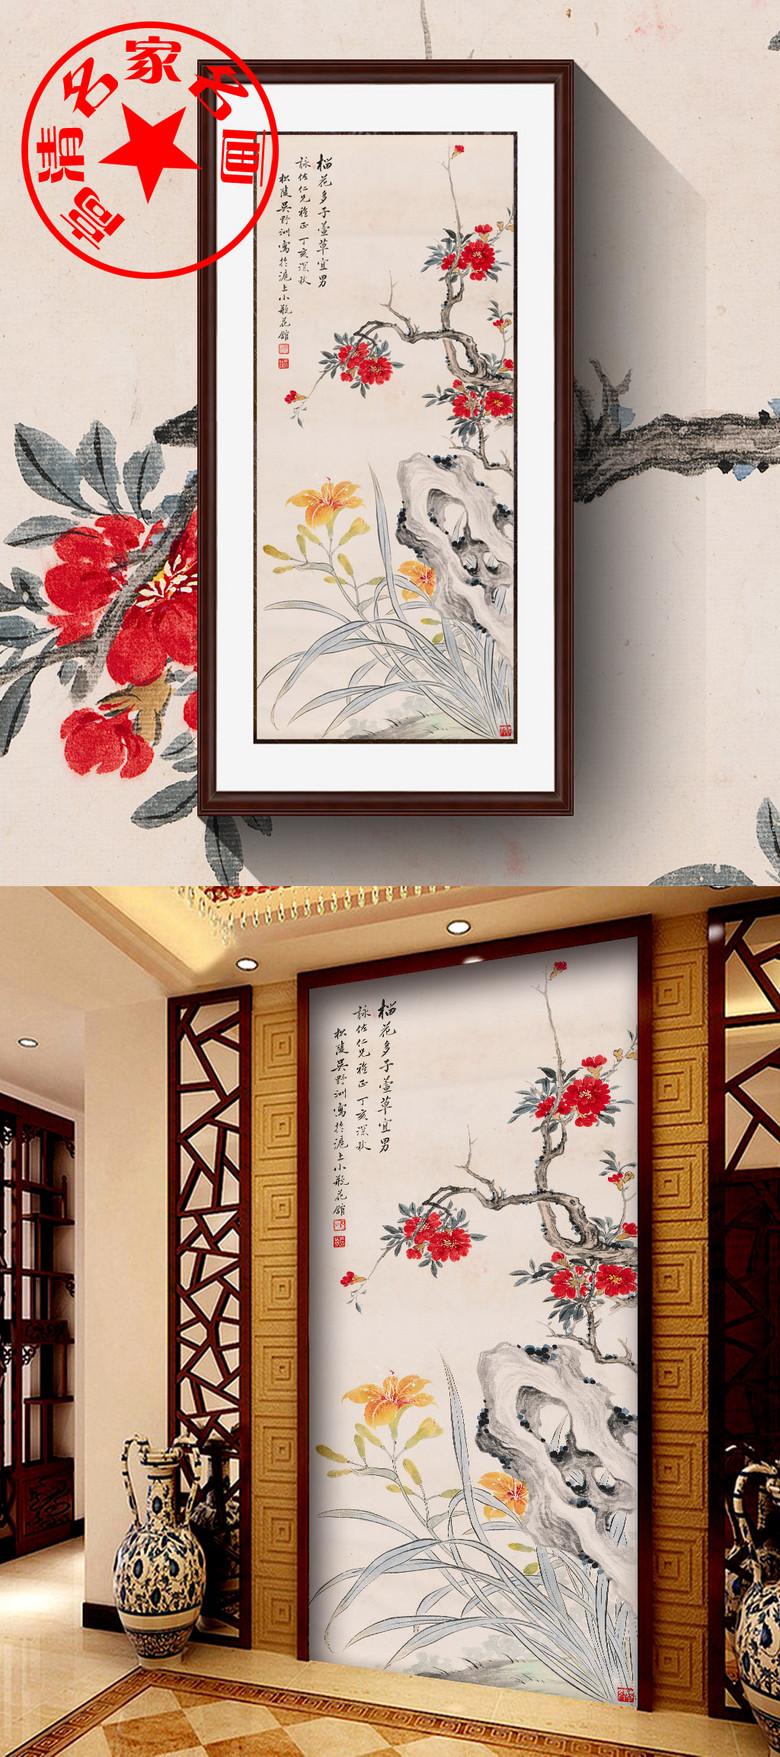 吴野洲石榴花图写意水墨画高清装饰画